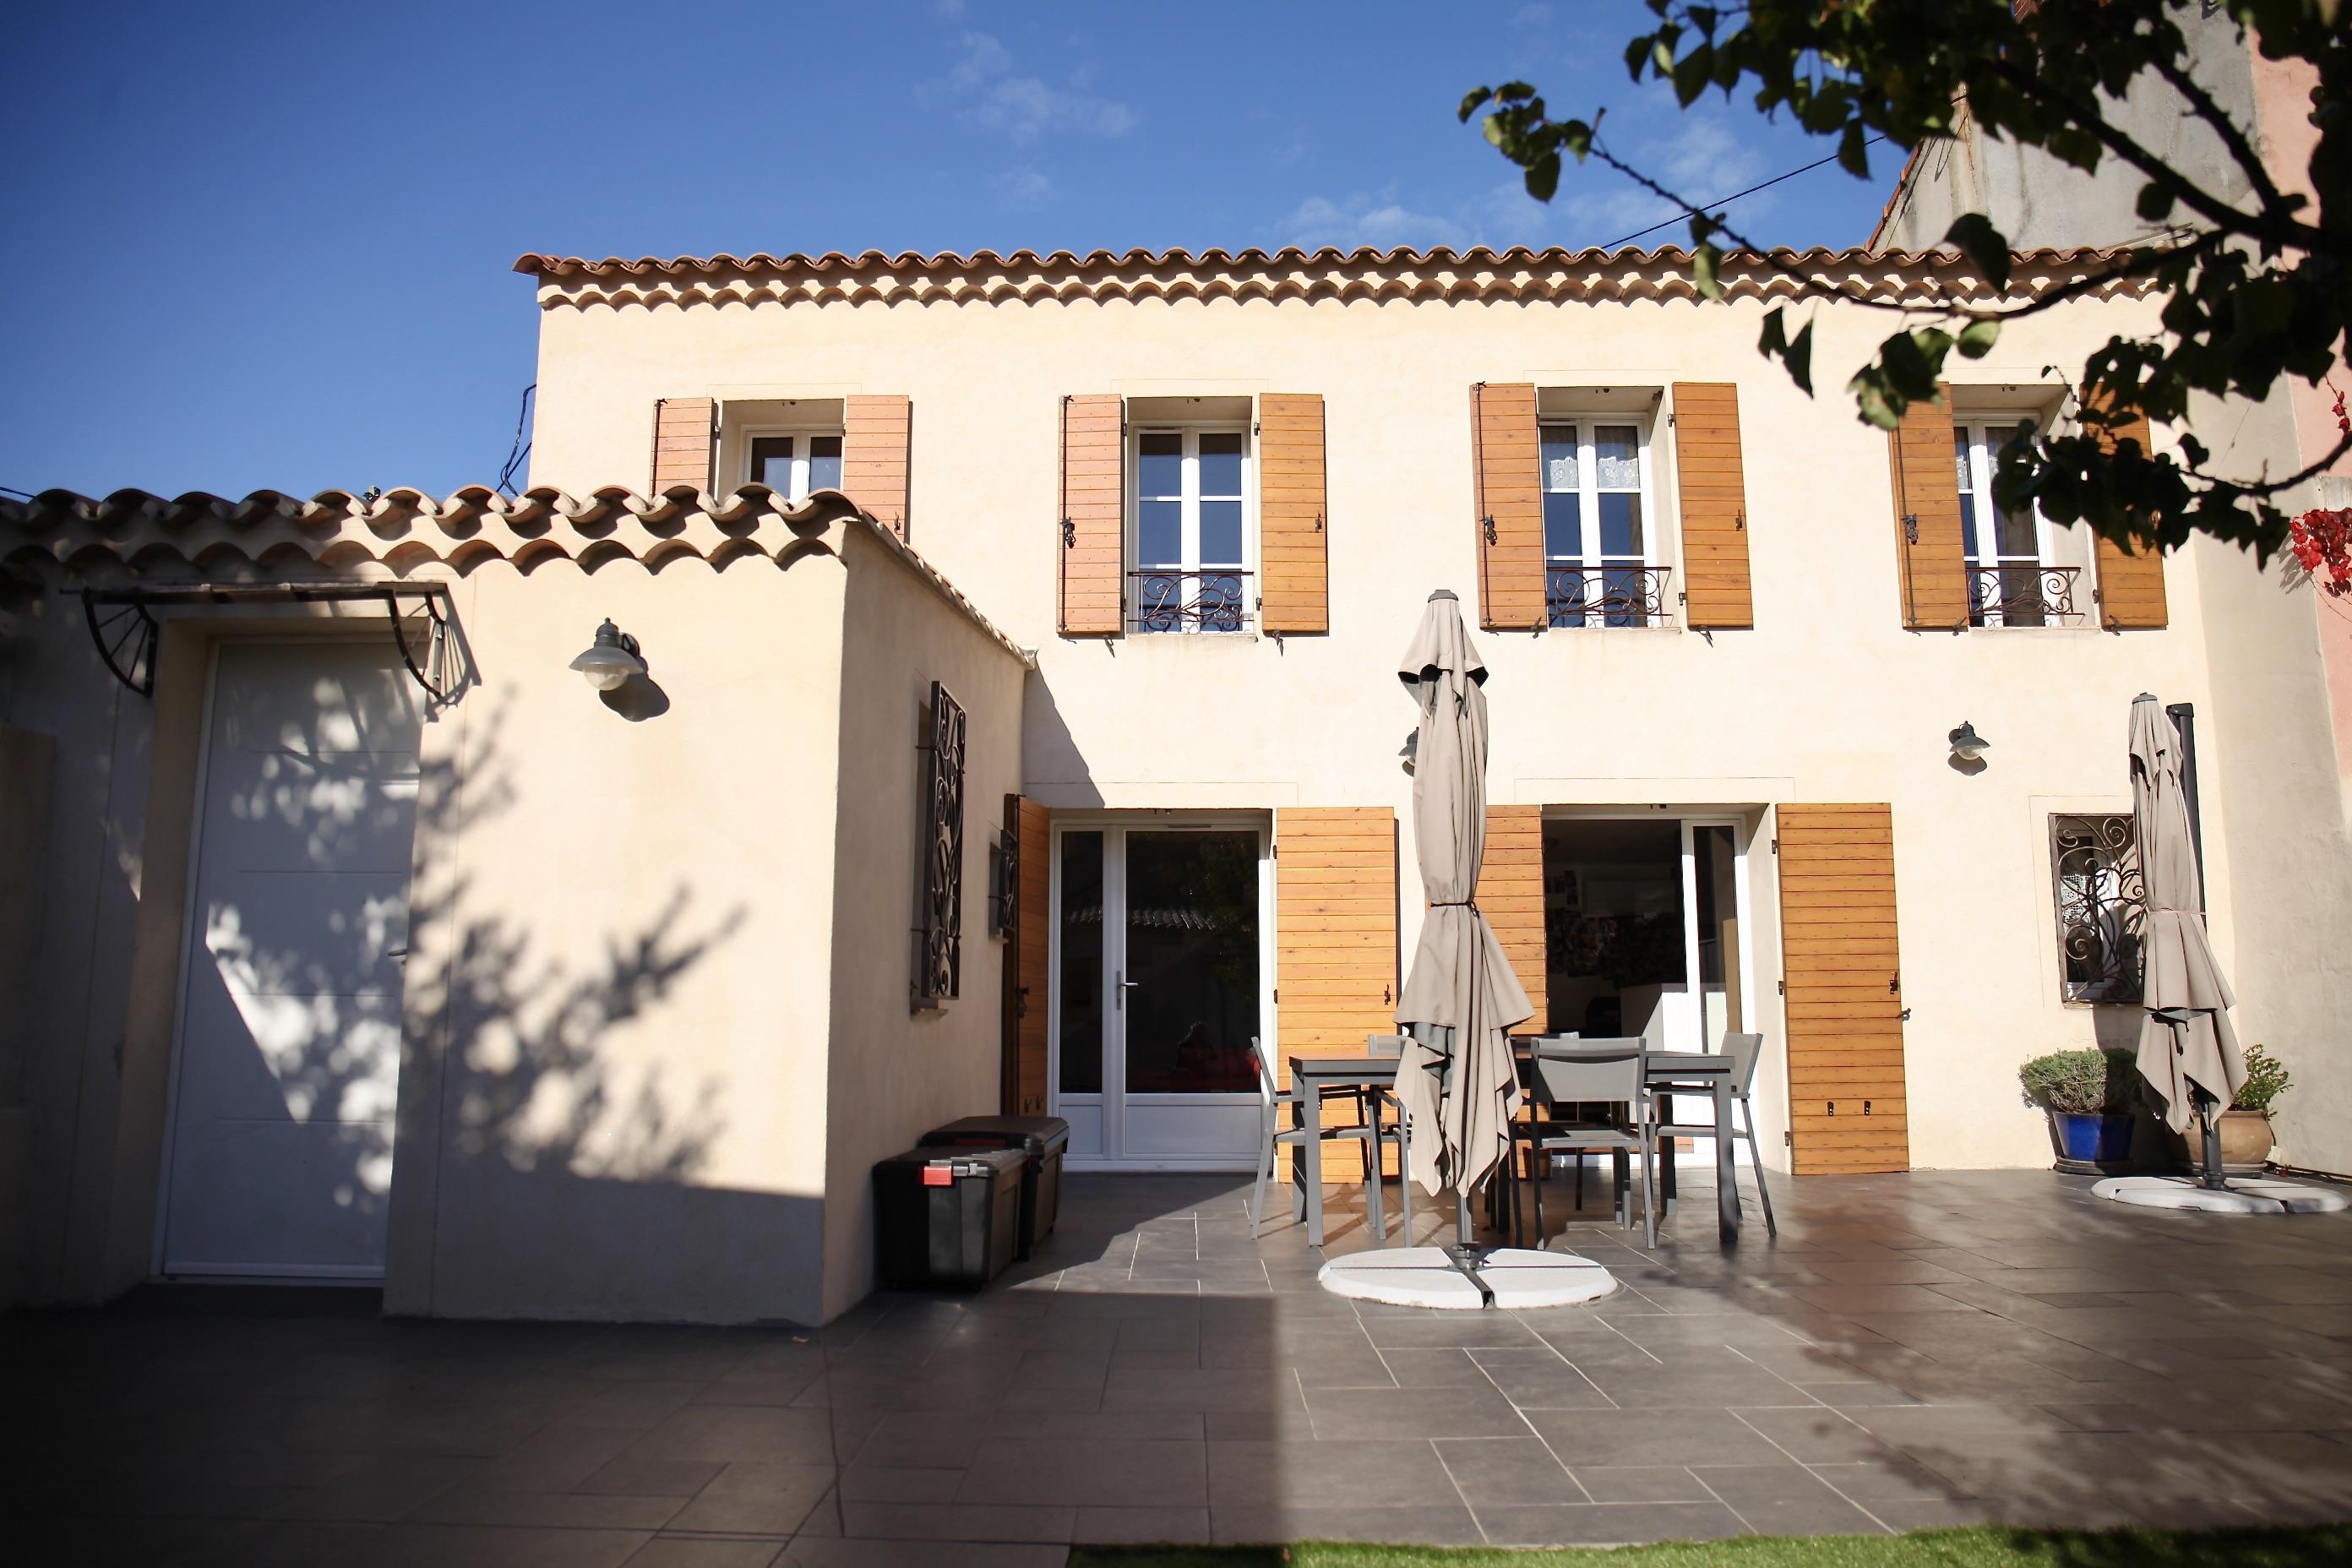 12 ème - Bas de Montolivet - idéal 2 familles - Maison t 3 de 95 m2 + maison de fond t3 de 55 m2 avec jardin et terrasses : 520 000 €